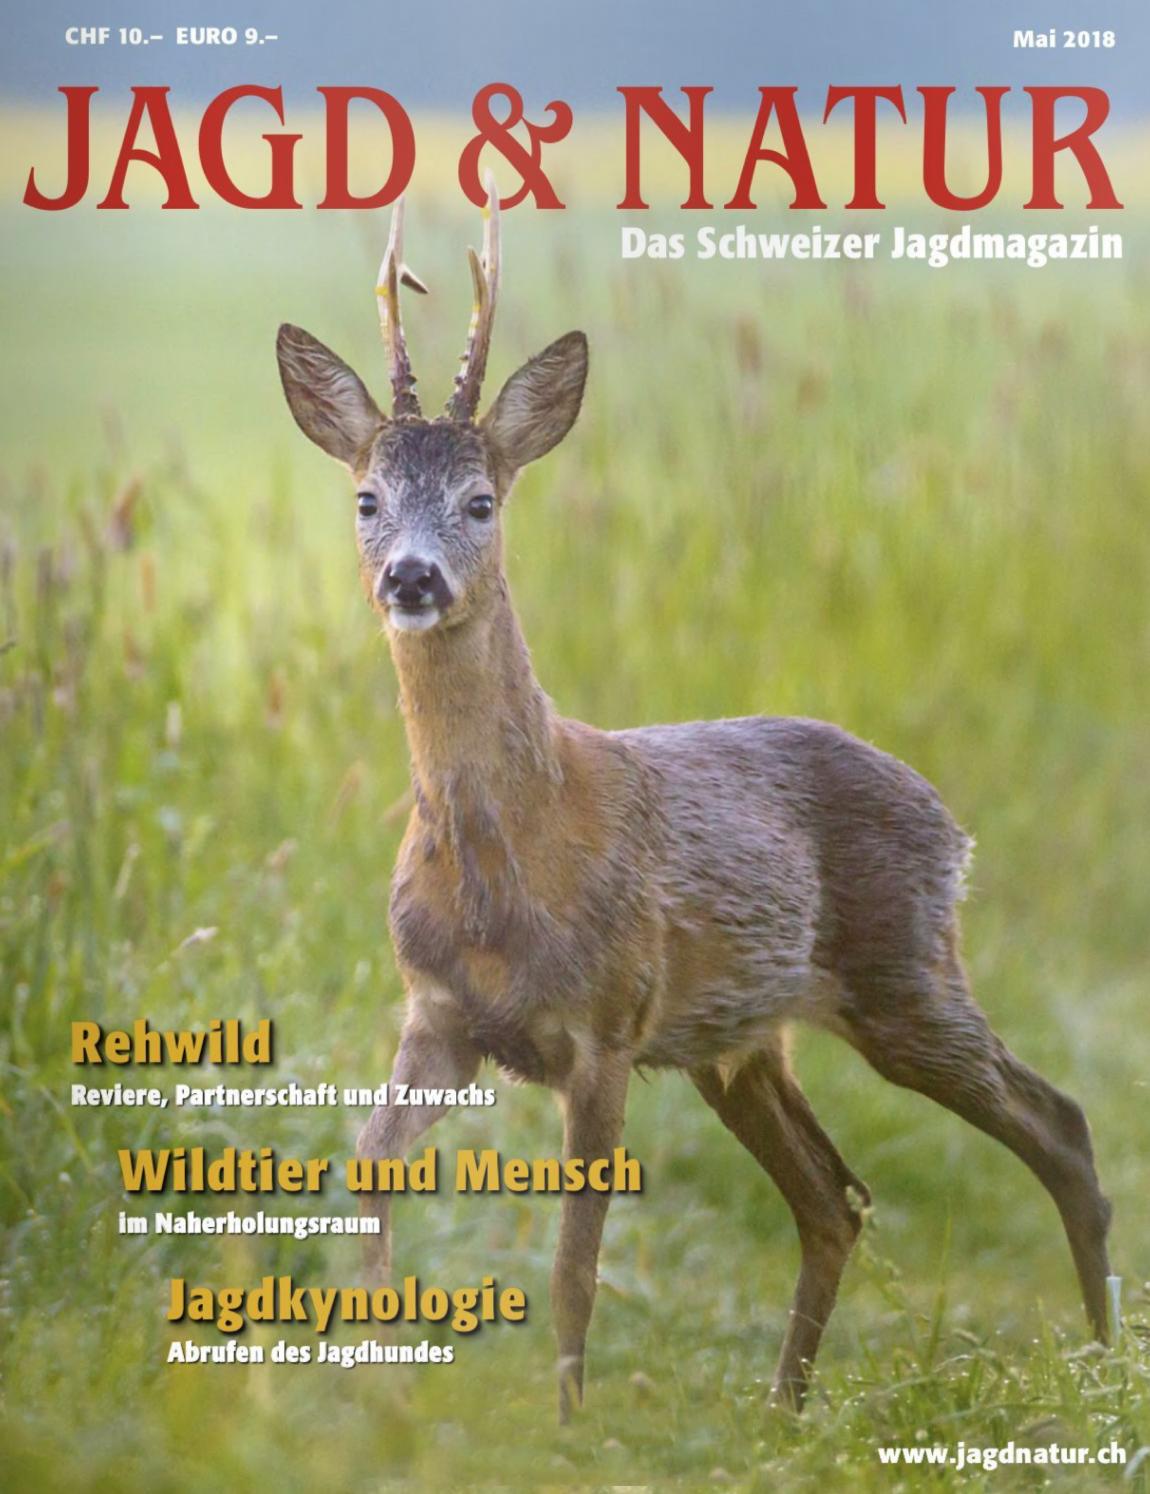 Jagd & Natur - Das führenden Schweizer Jagdmagazin mit monatlicher Erscheinungsweise